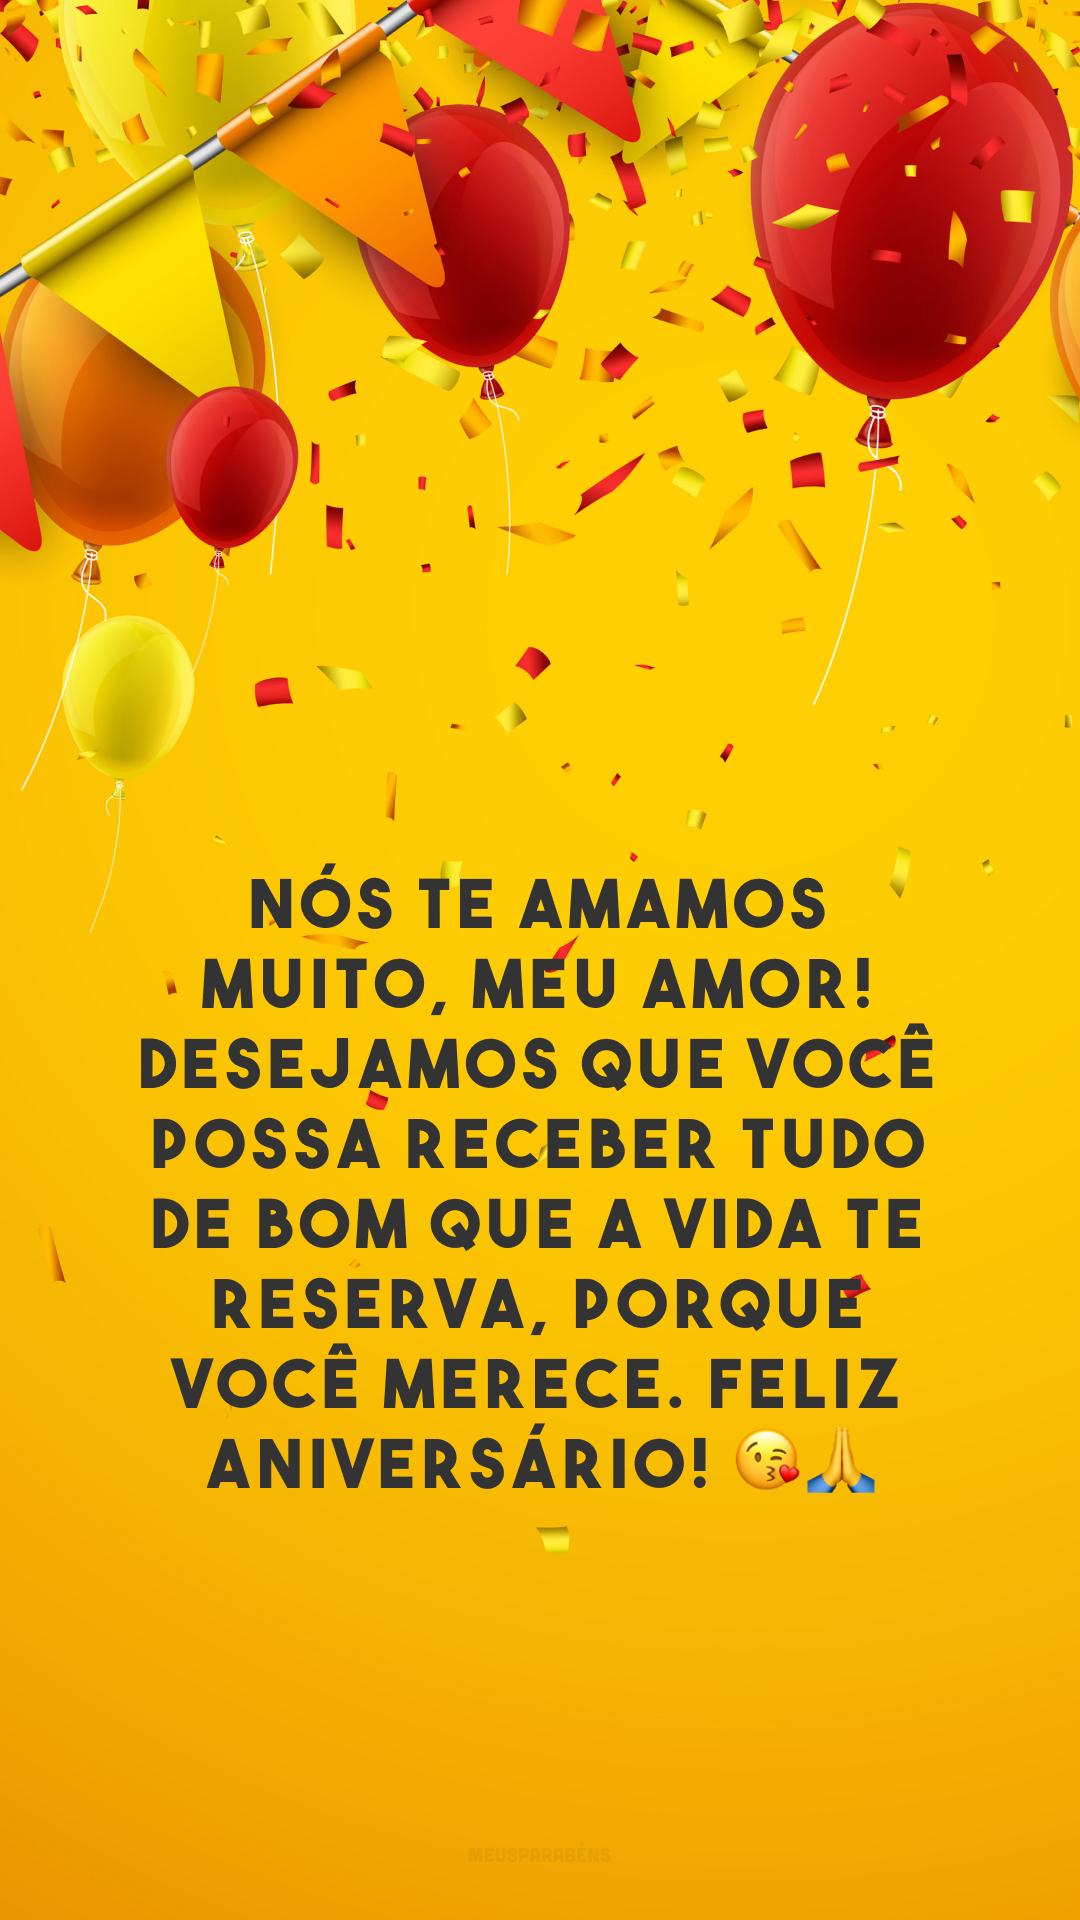 Nós te amamos muito, meu amor! Desejamos que você possa receber tudo de bom que a vida te reserva, porque você merece. Feliz aniversário! 😘🙏